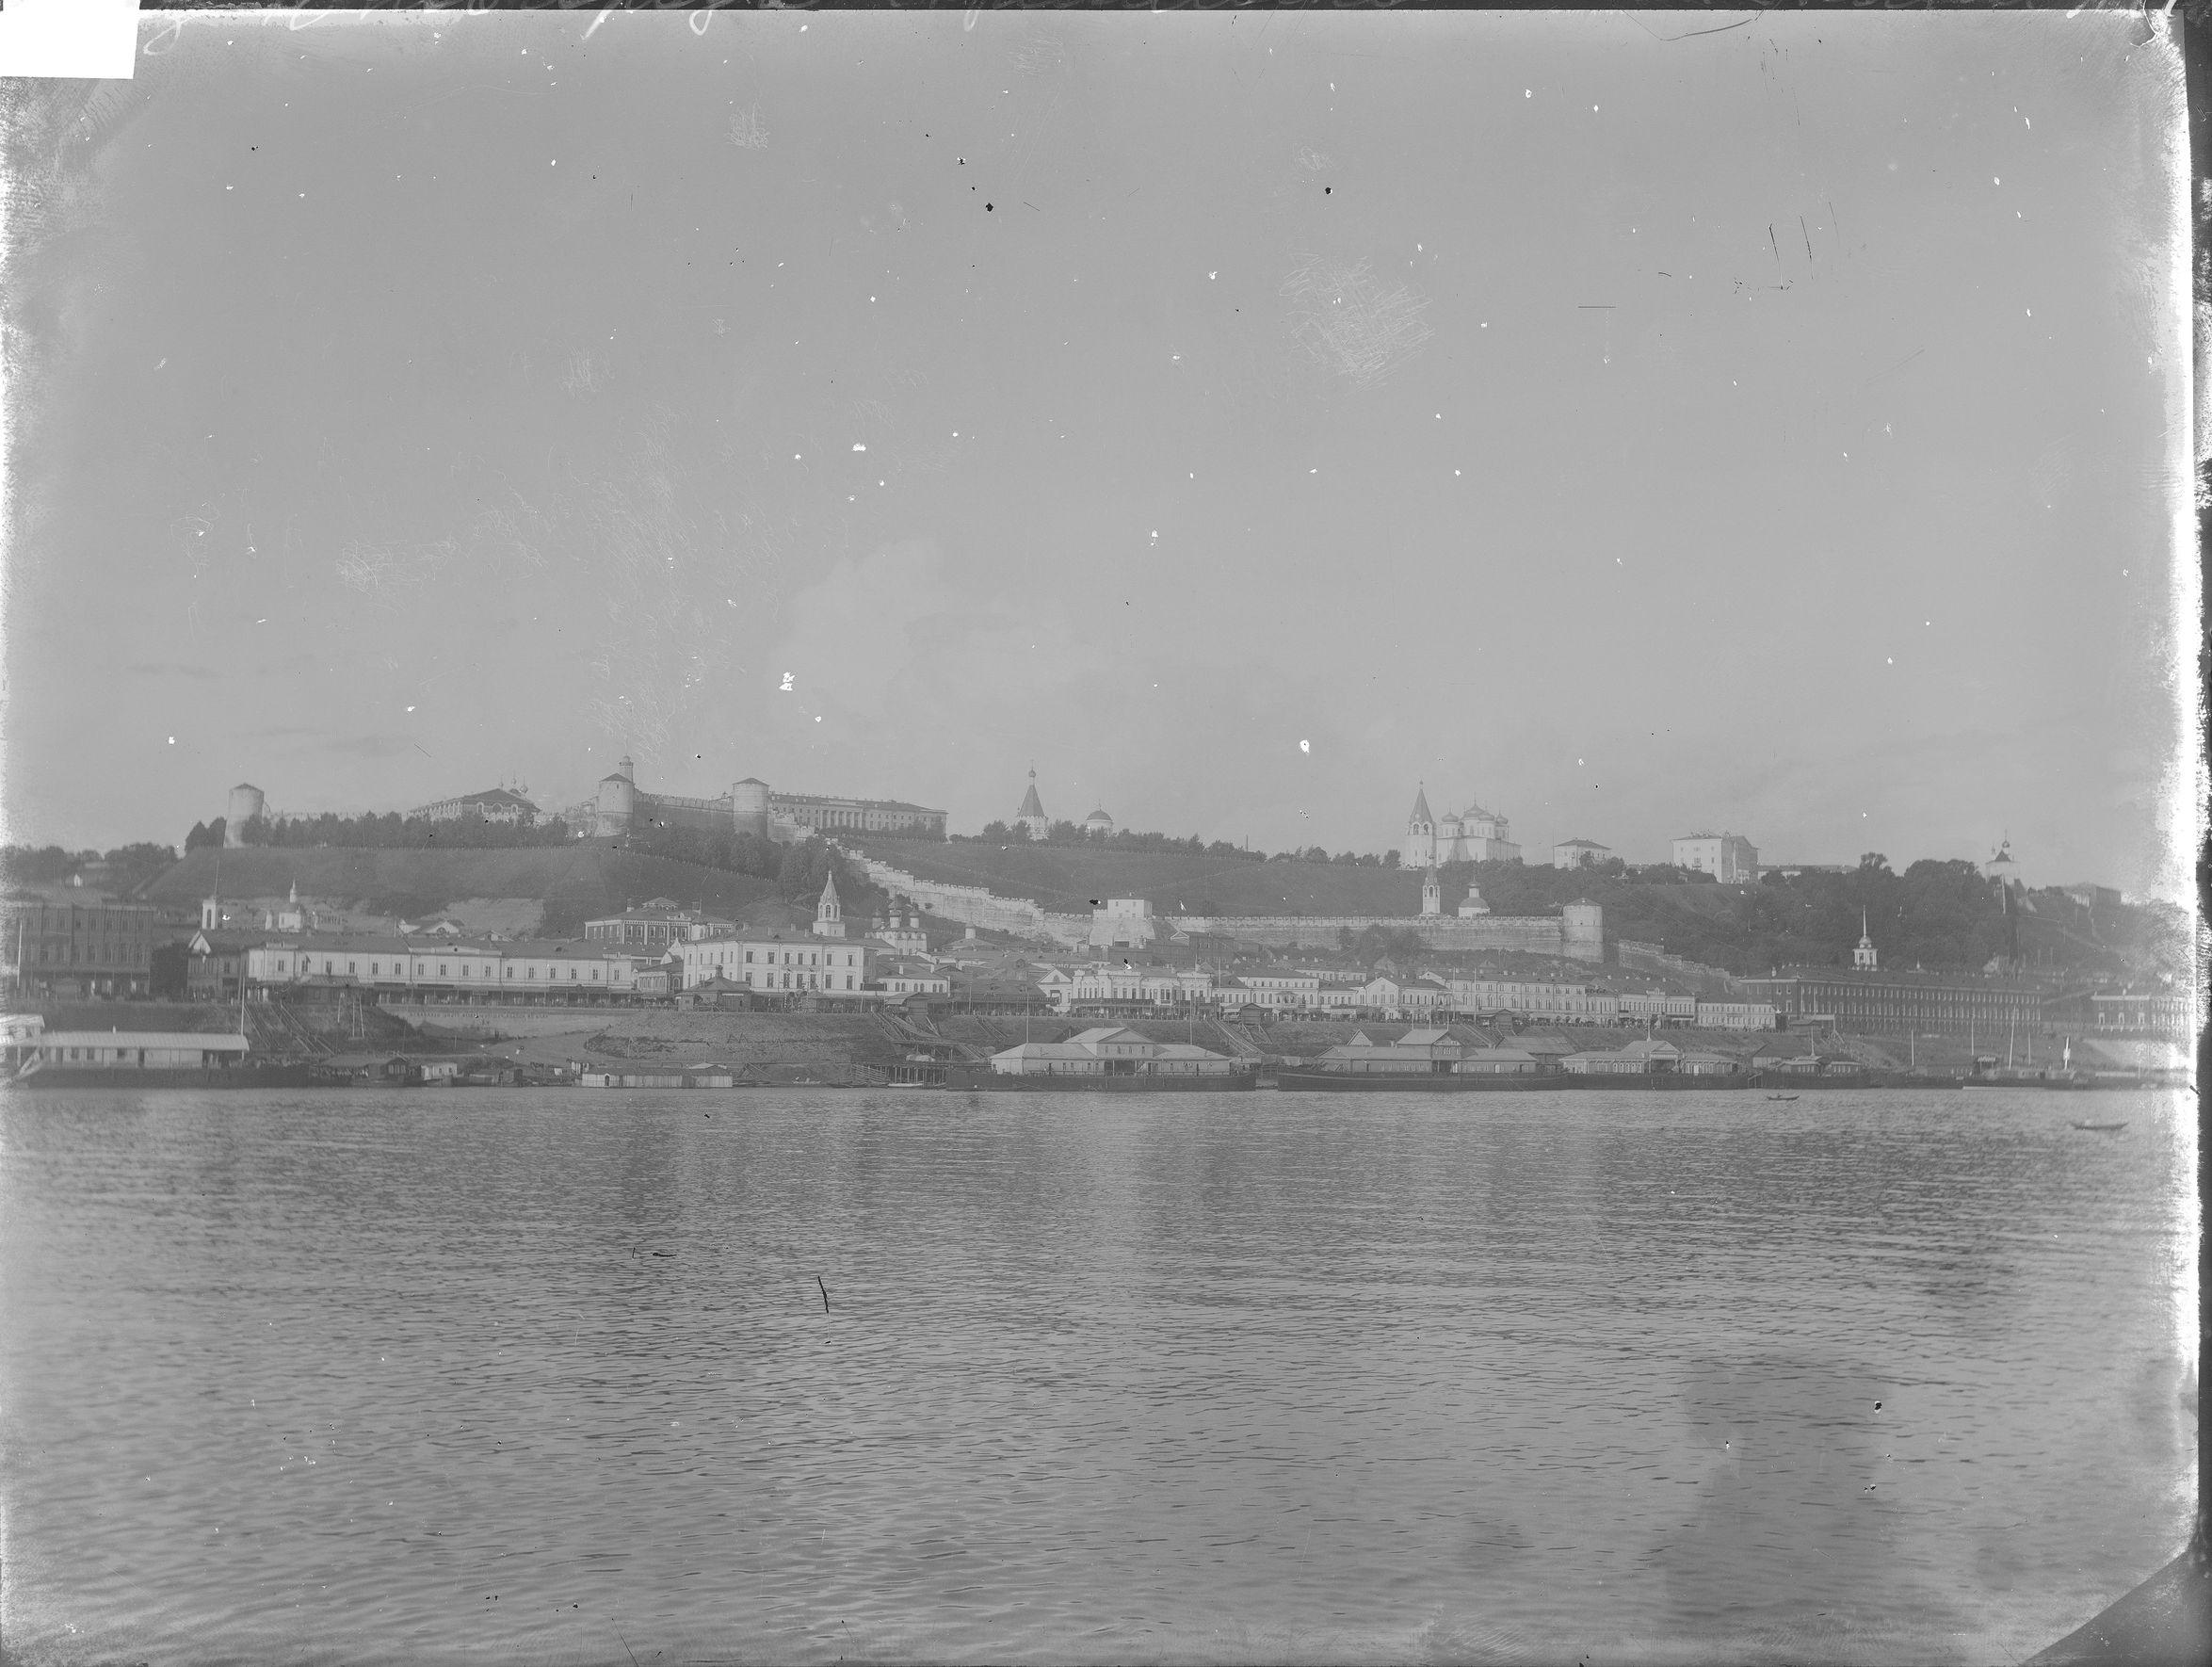 Вид на Нижневолжскую набережную со стороны р. Волги